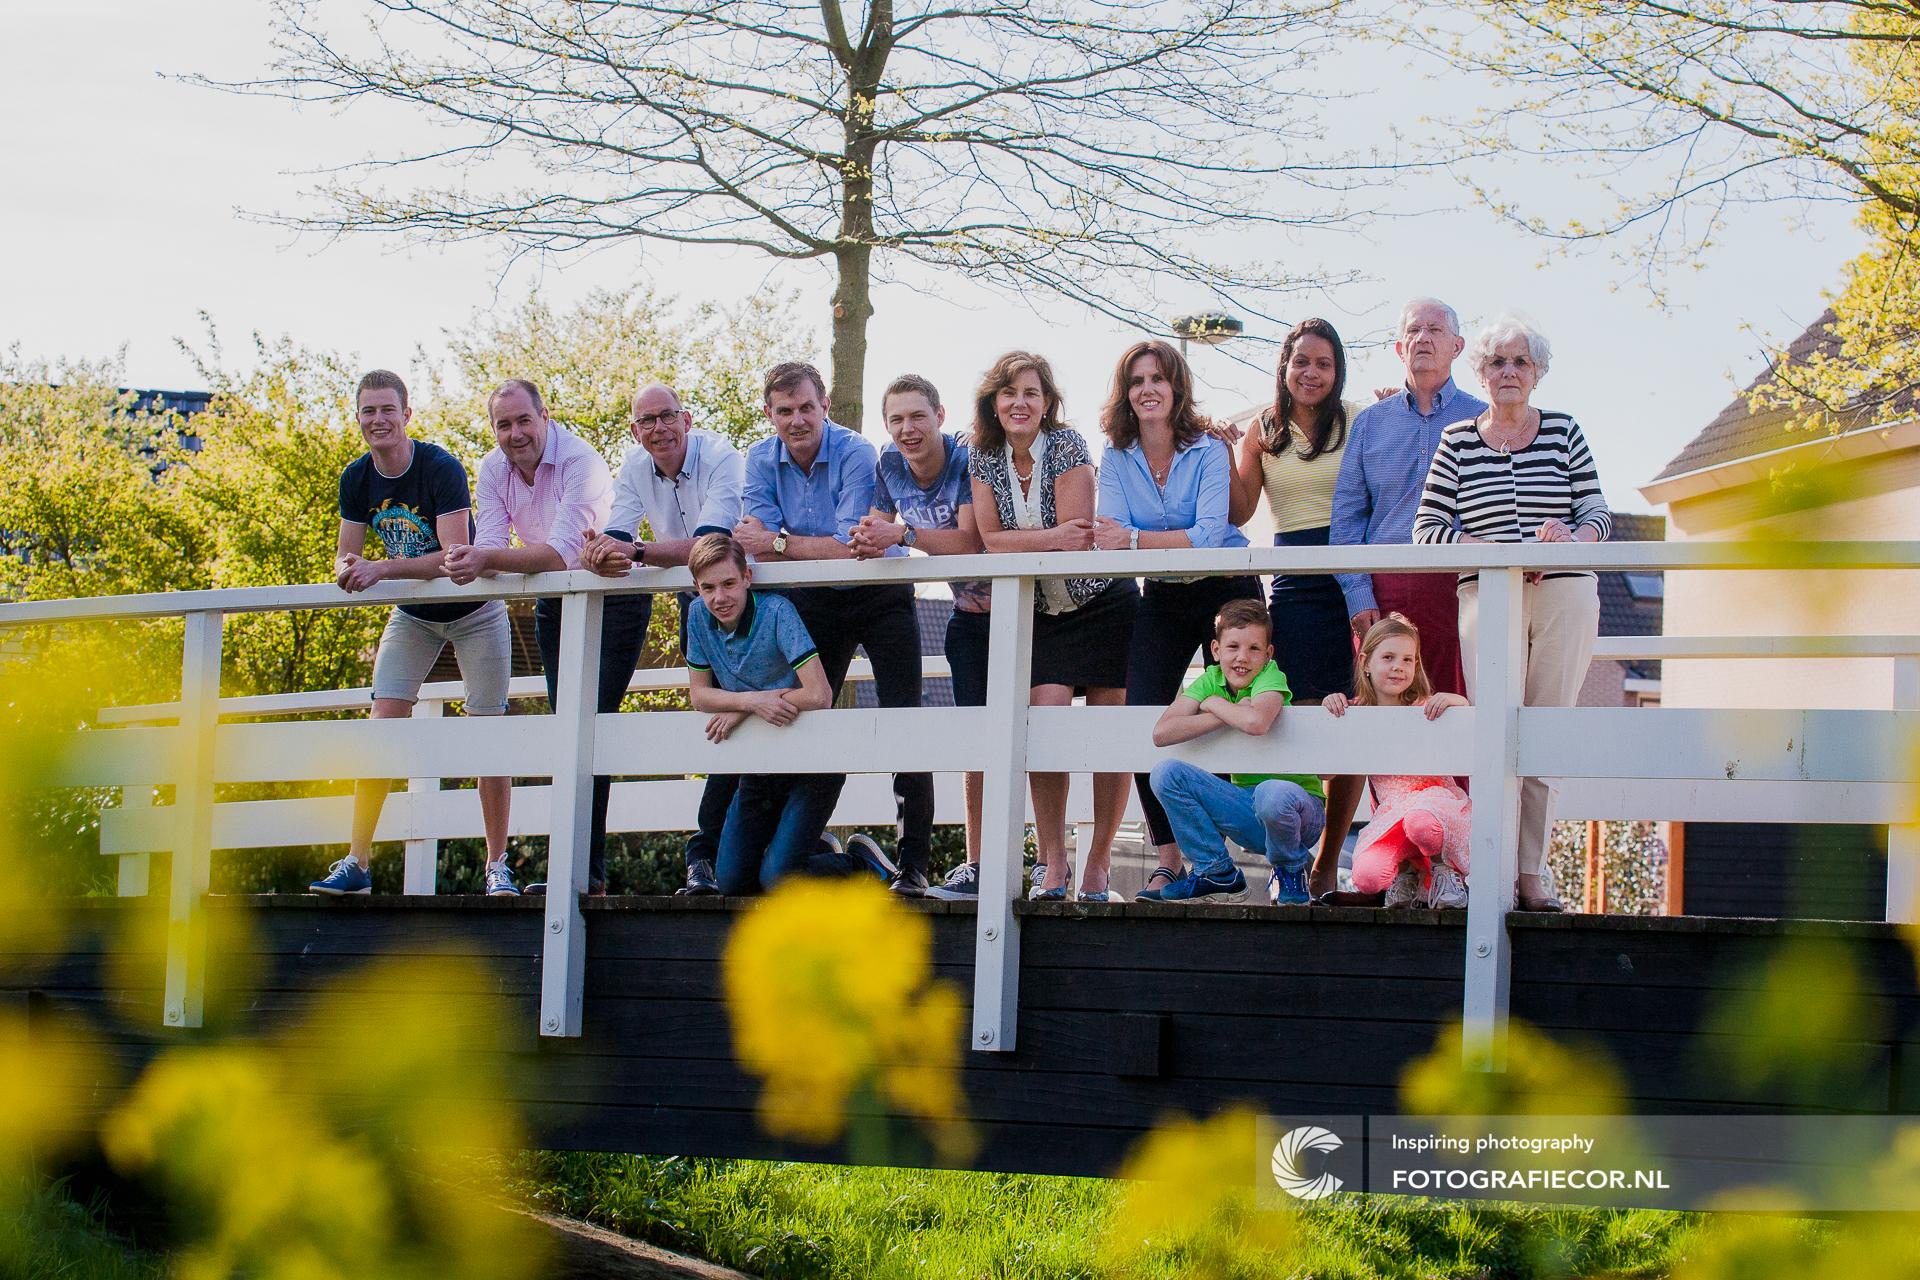 familie fotoshoot op locatie | familiefoto | fotoshoot gezin | Familie Kampen | familiefotograaf